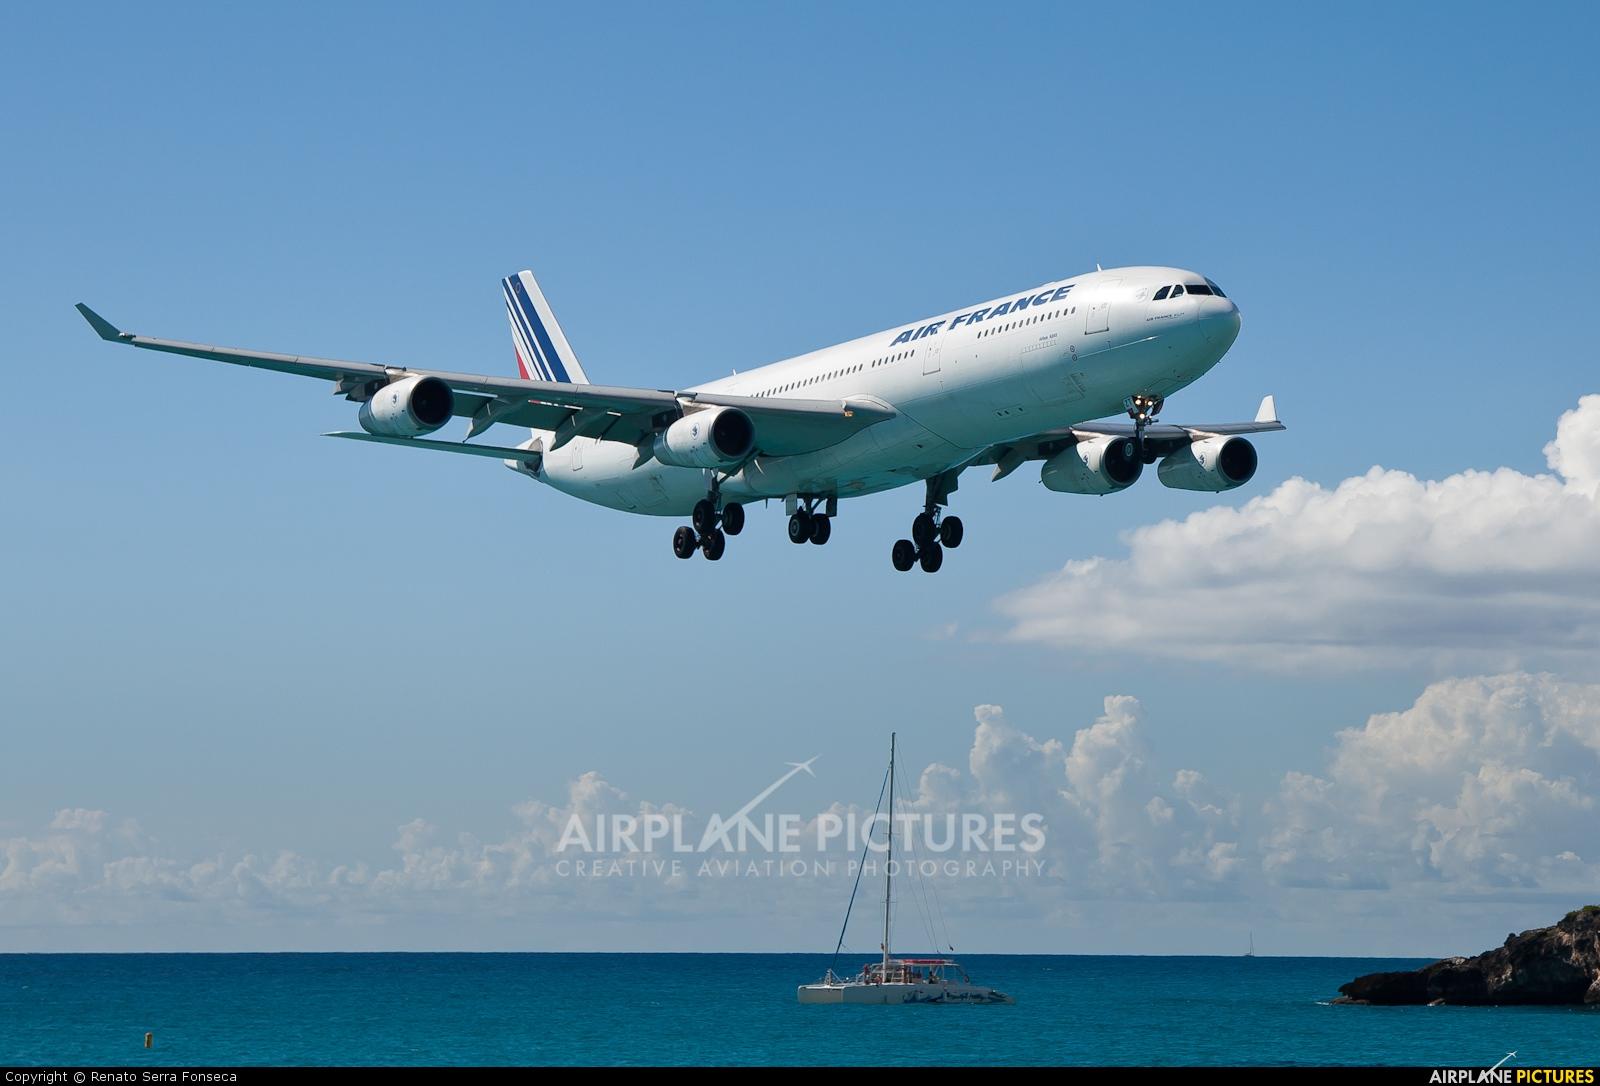 Air France F-GLZT aircraft at Sint Maarten - Princess Juliana Intl